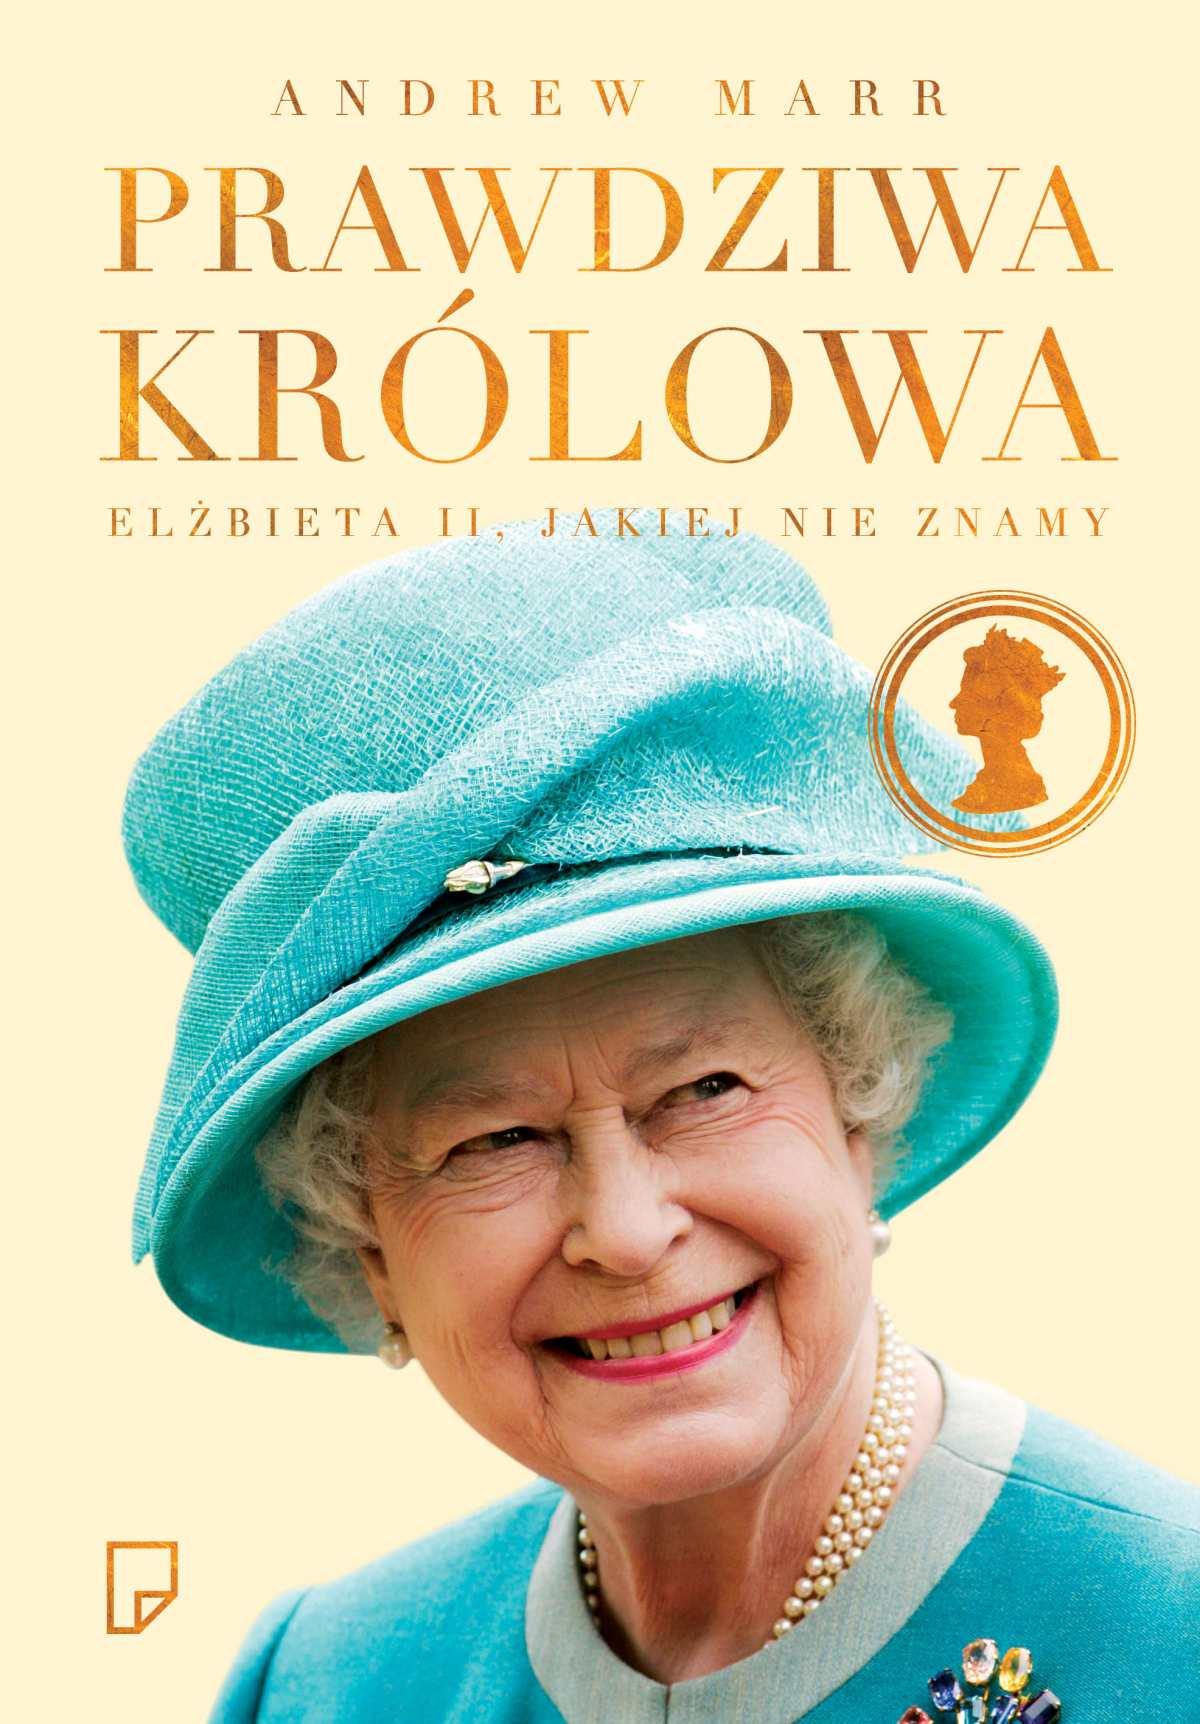 Prawdziwa królowa. Elżbieta II jakiej nie znamy - Ebook (Książka EPUB) do pobrania w formacie EPUB